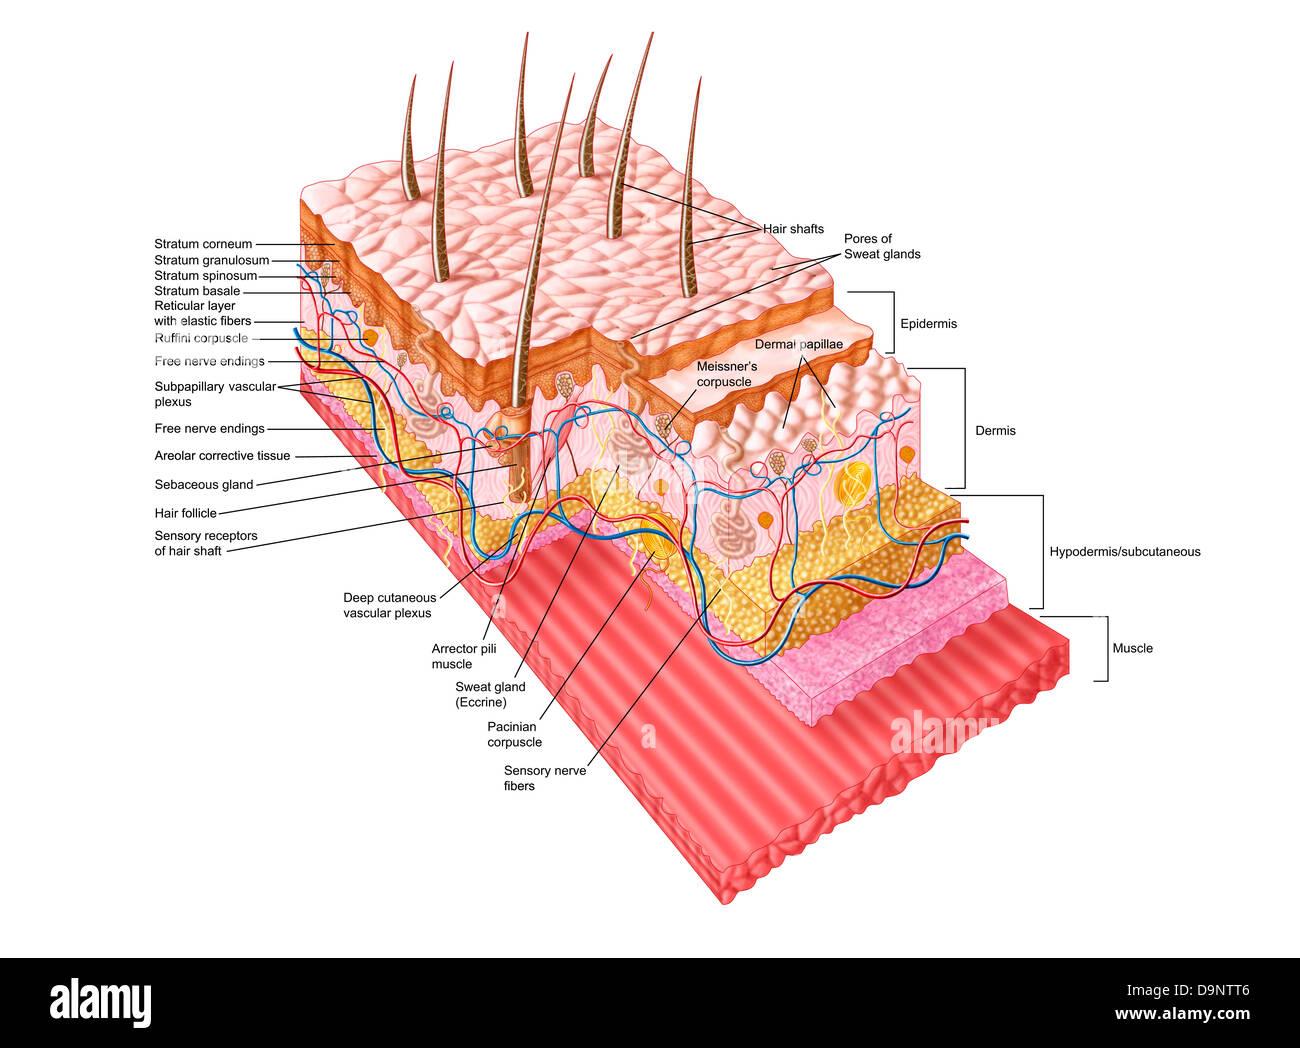 Anatomía de la piel humana Foto & Imagen De Stock: 57643494 - Alamy